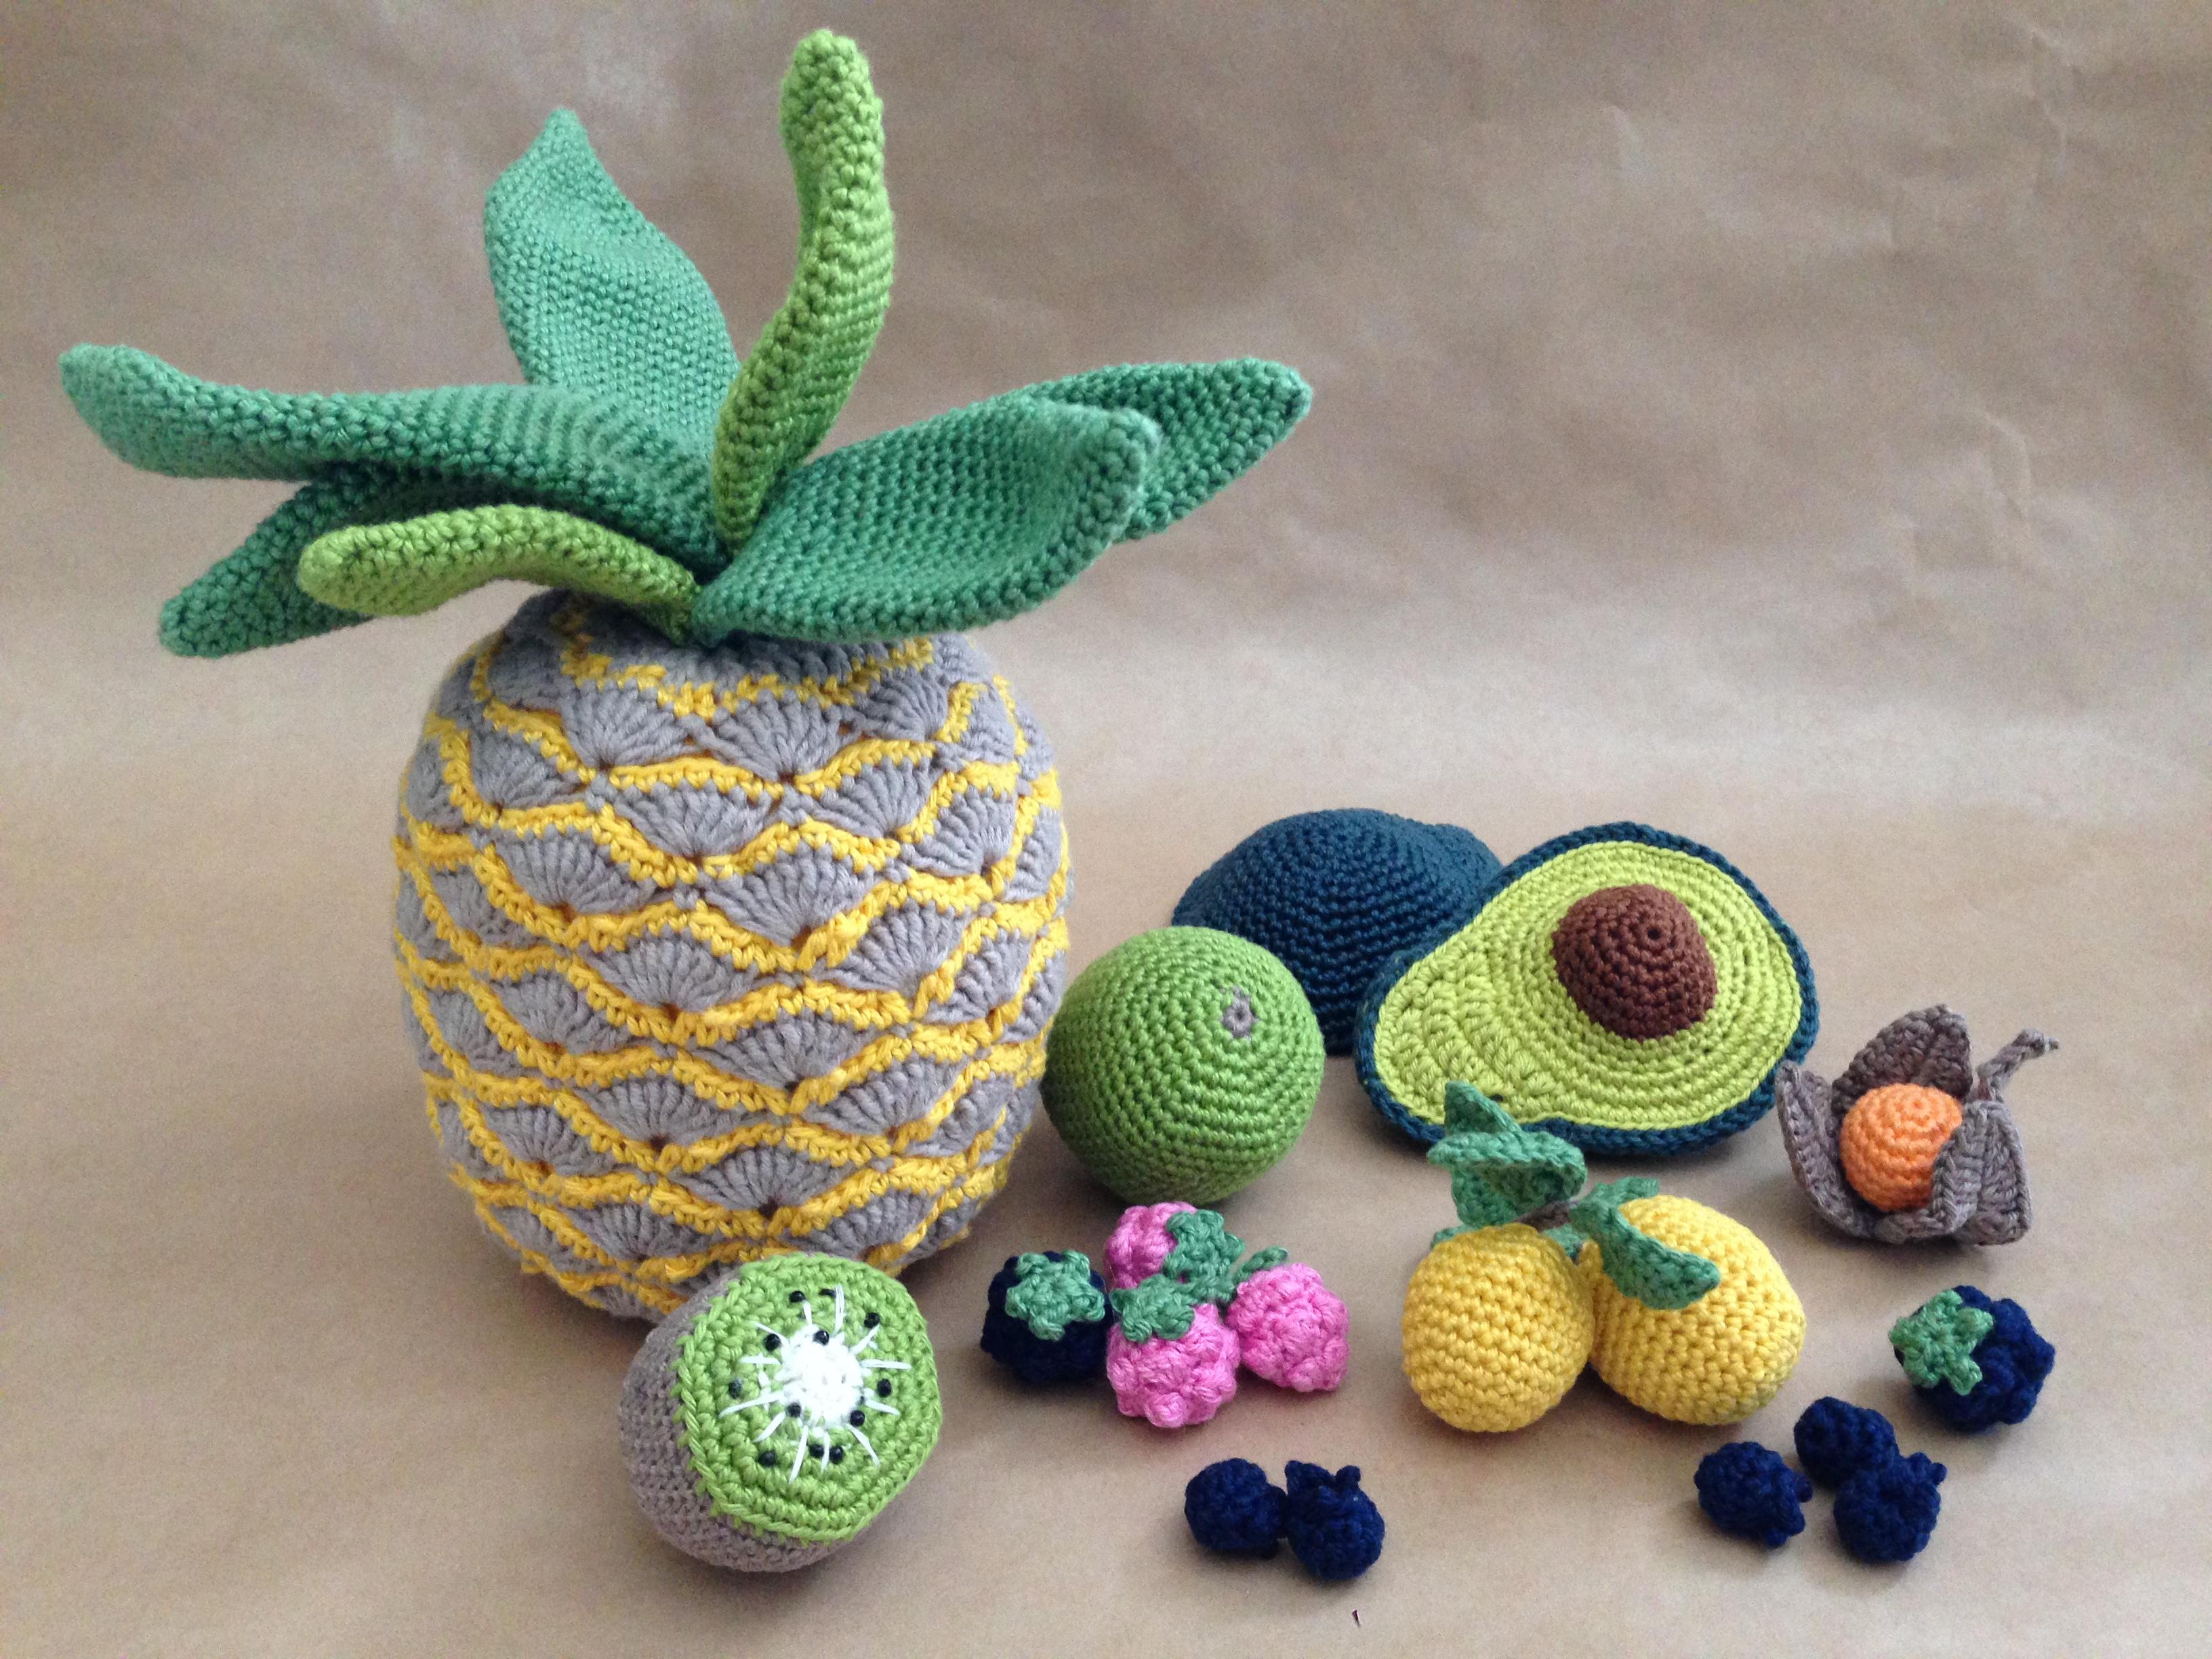 Amigurumi Fisch häkeln – Einfache Anleitung für Anfänger   Crochet ...   2448x3264